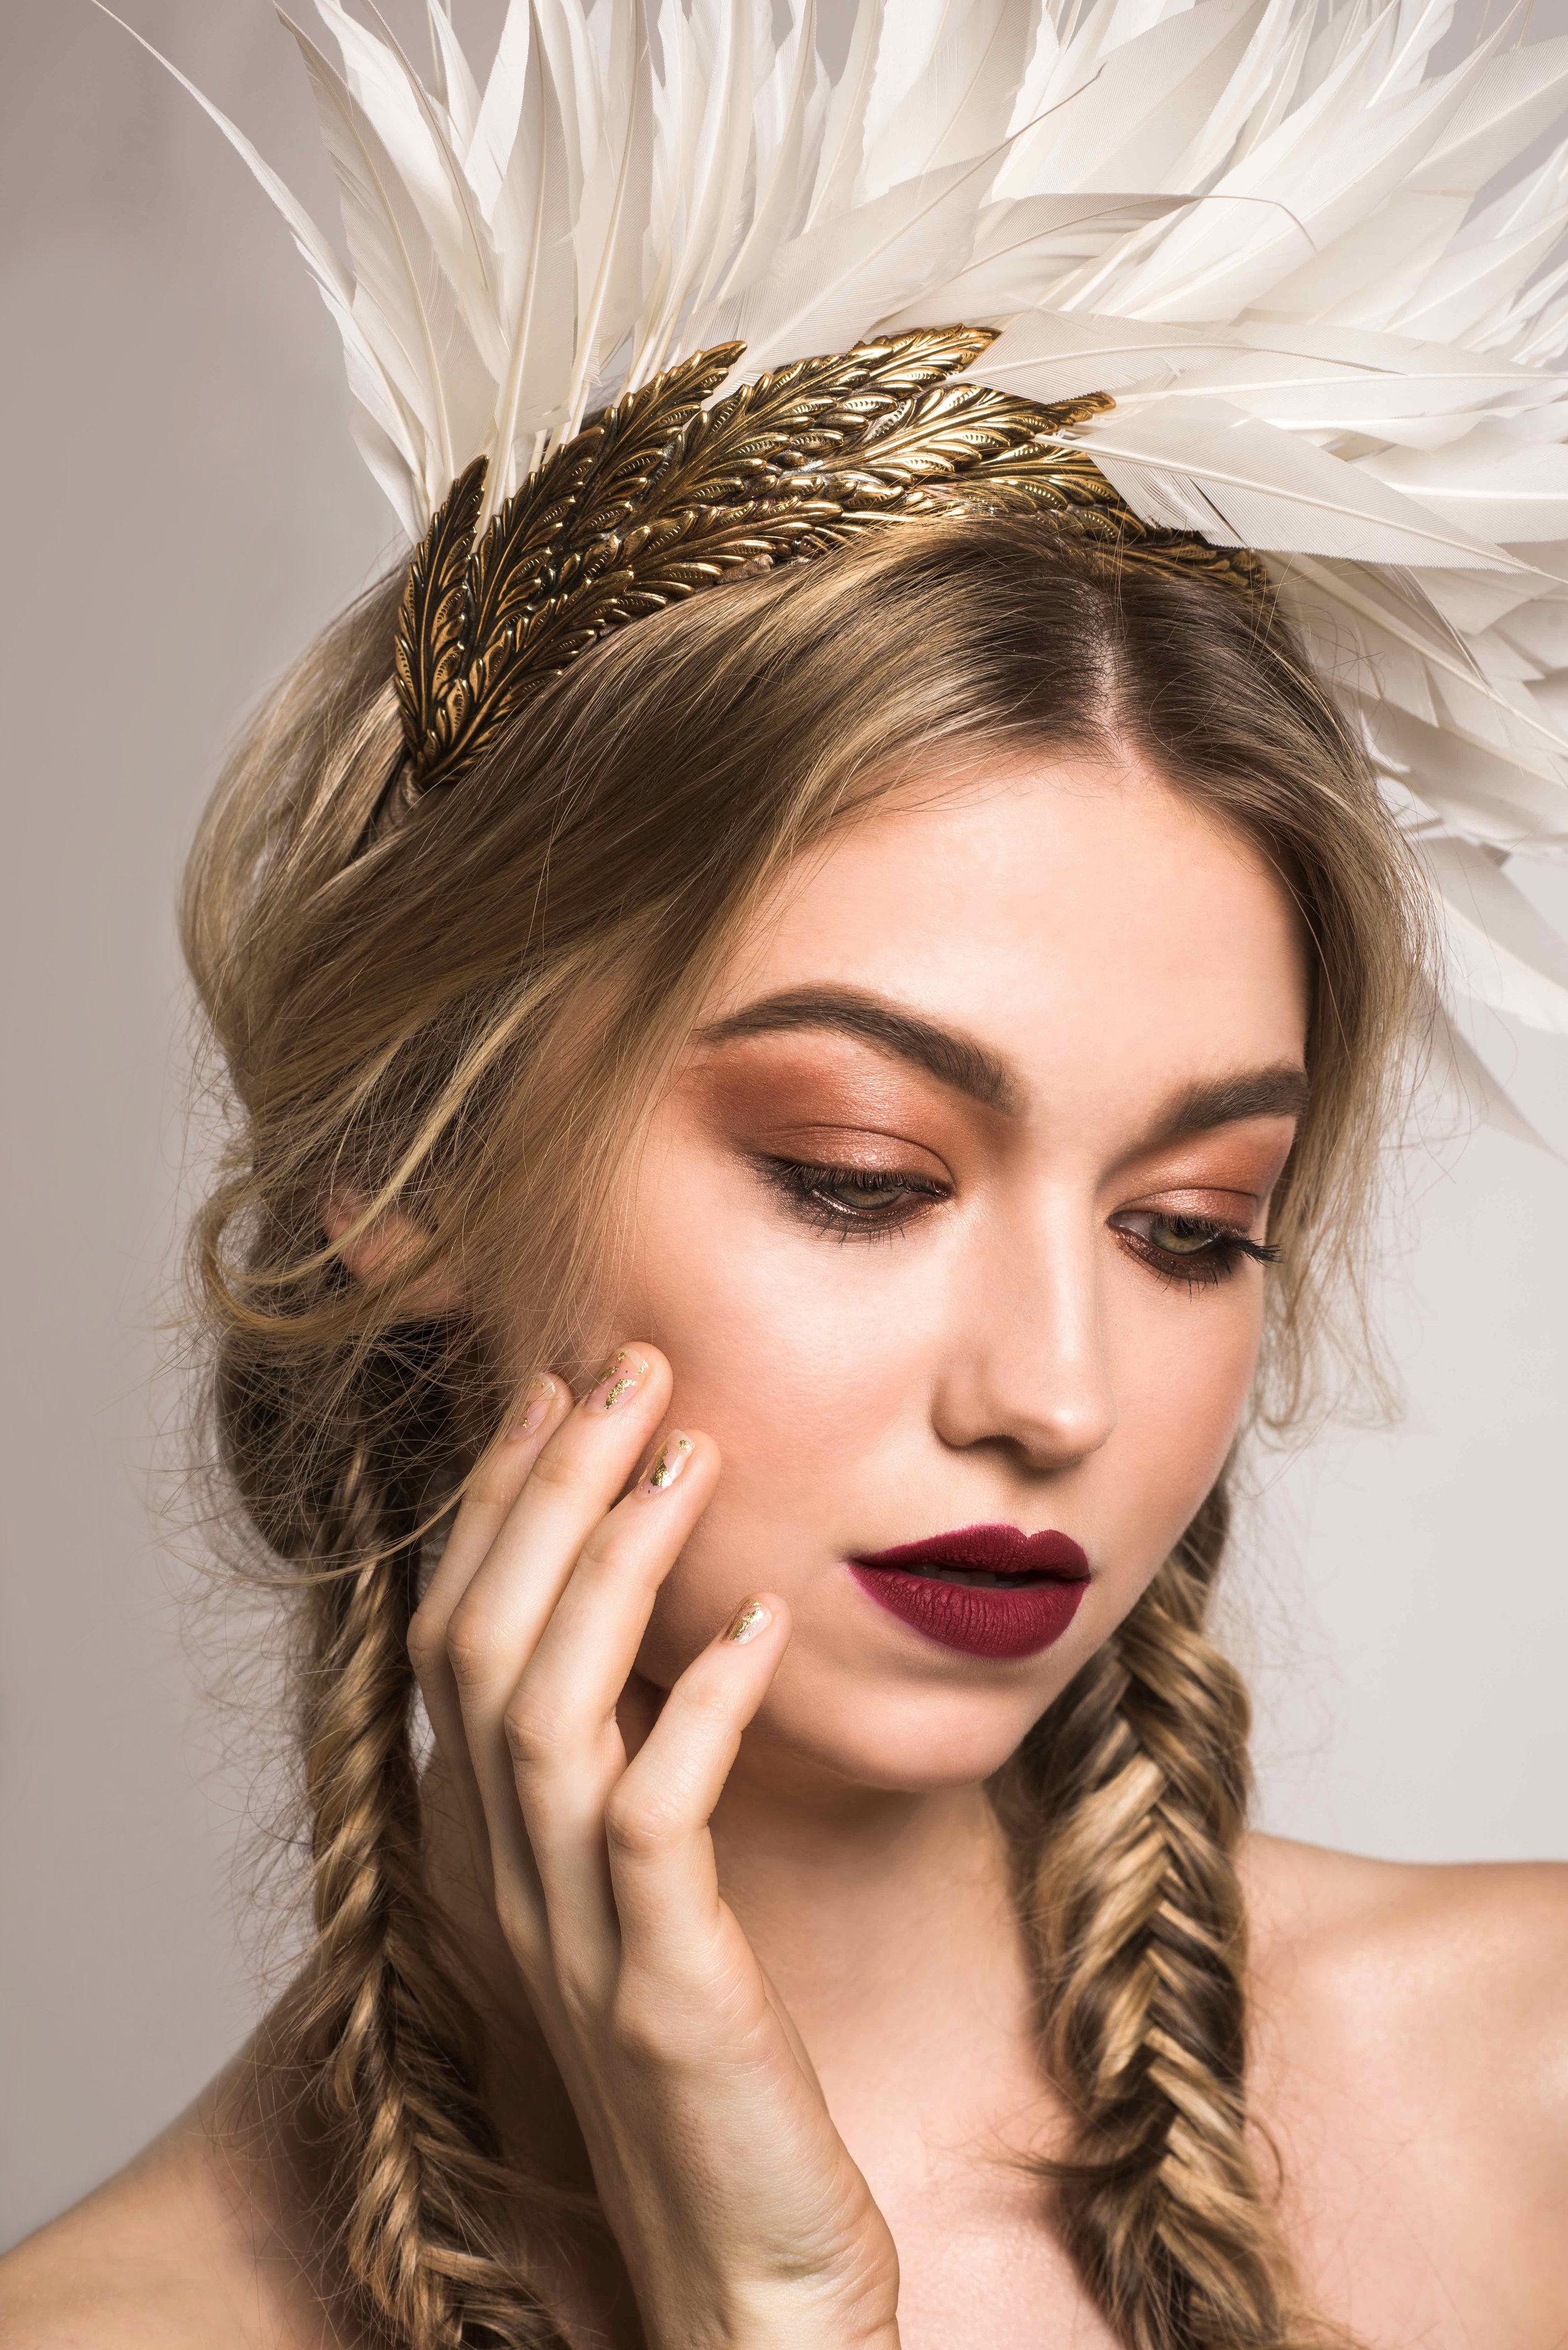 Portraits Bridal Stylebox 2018 5.jpeg